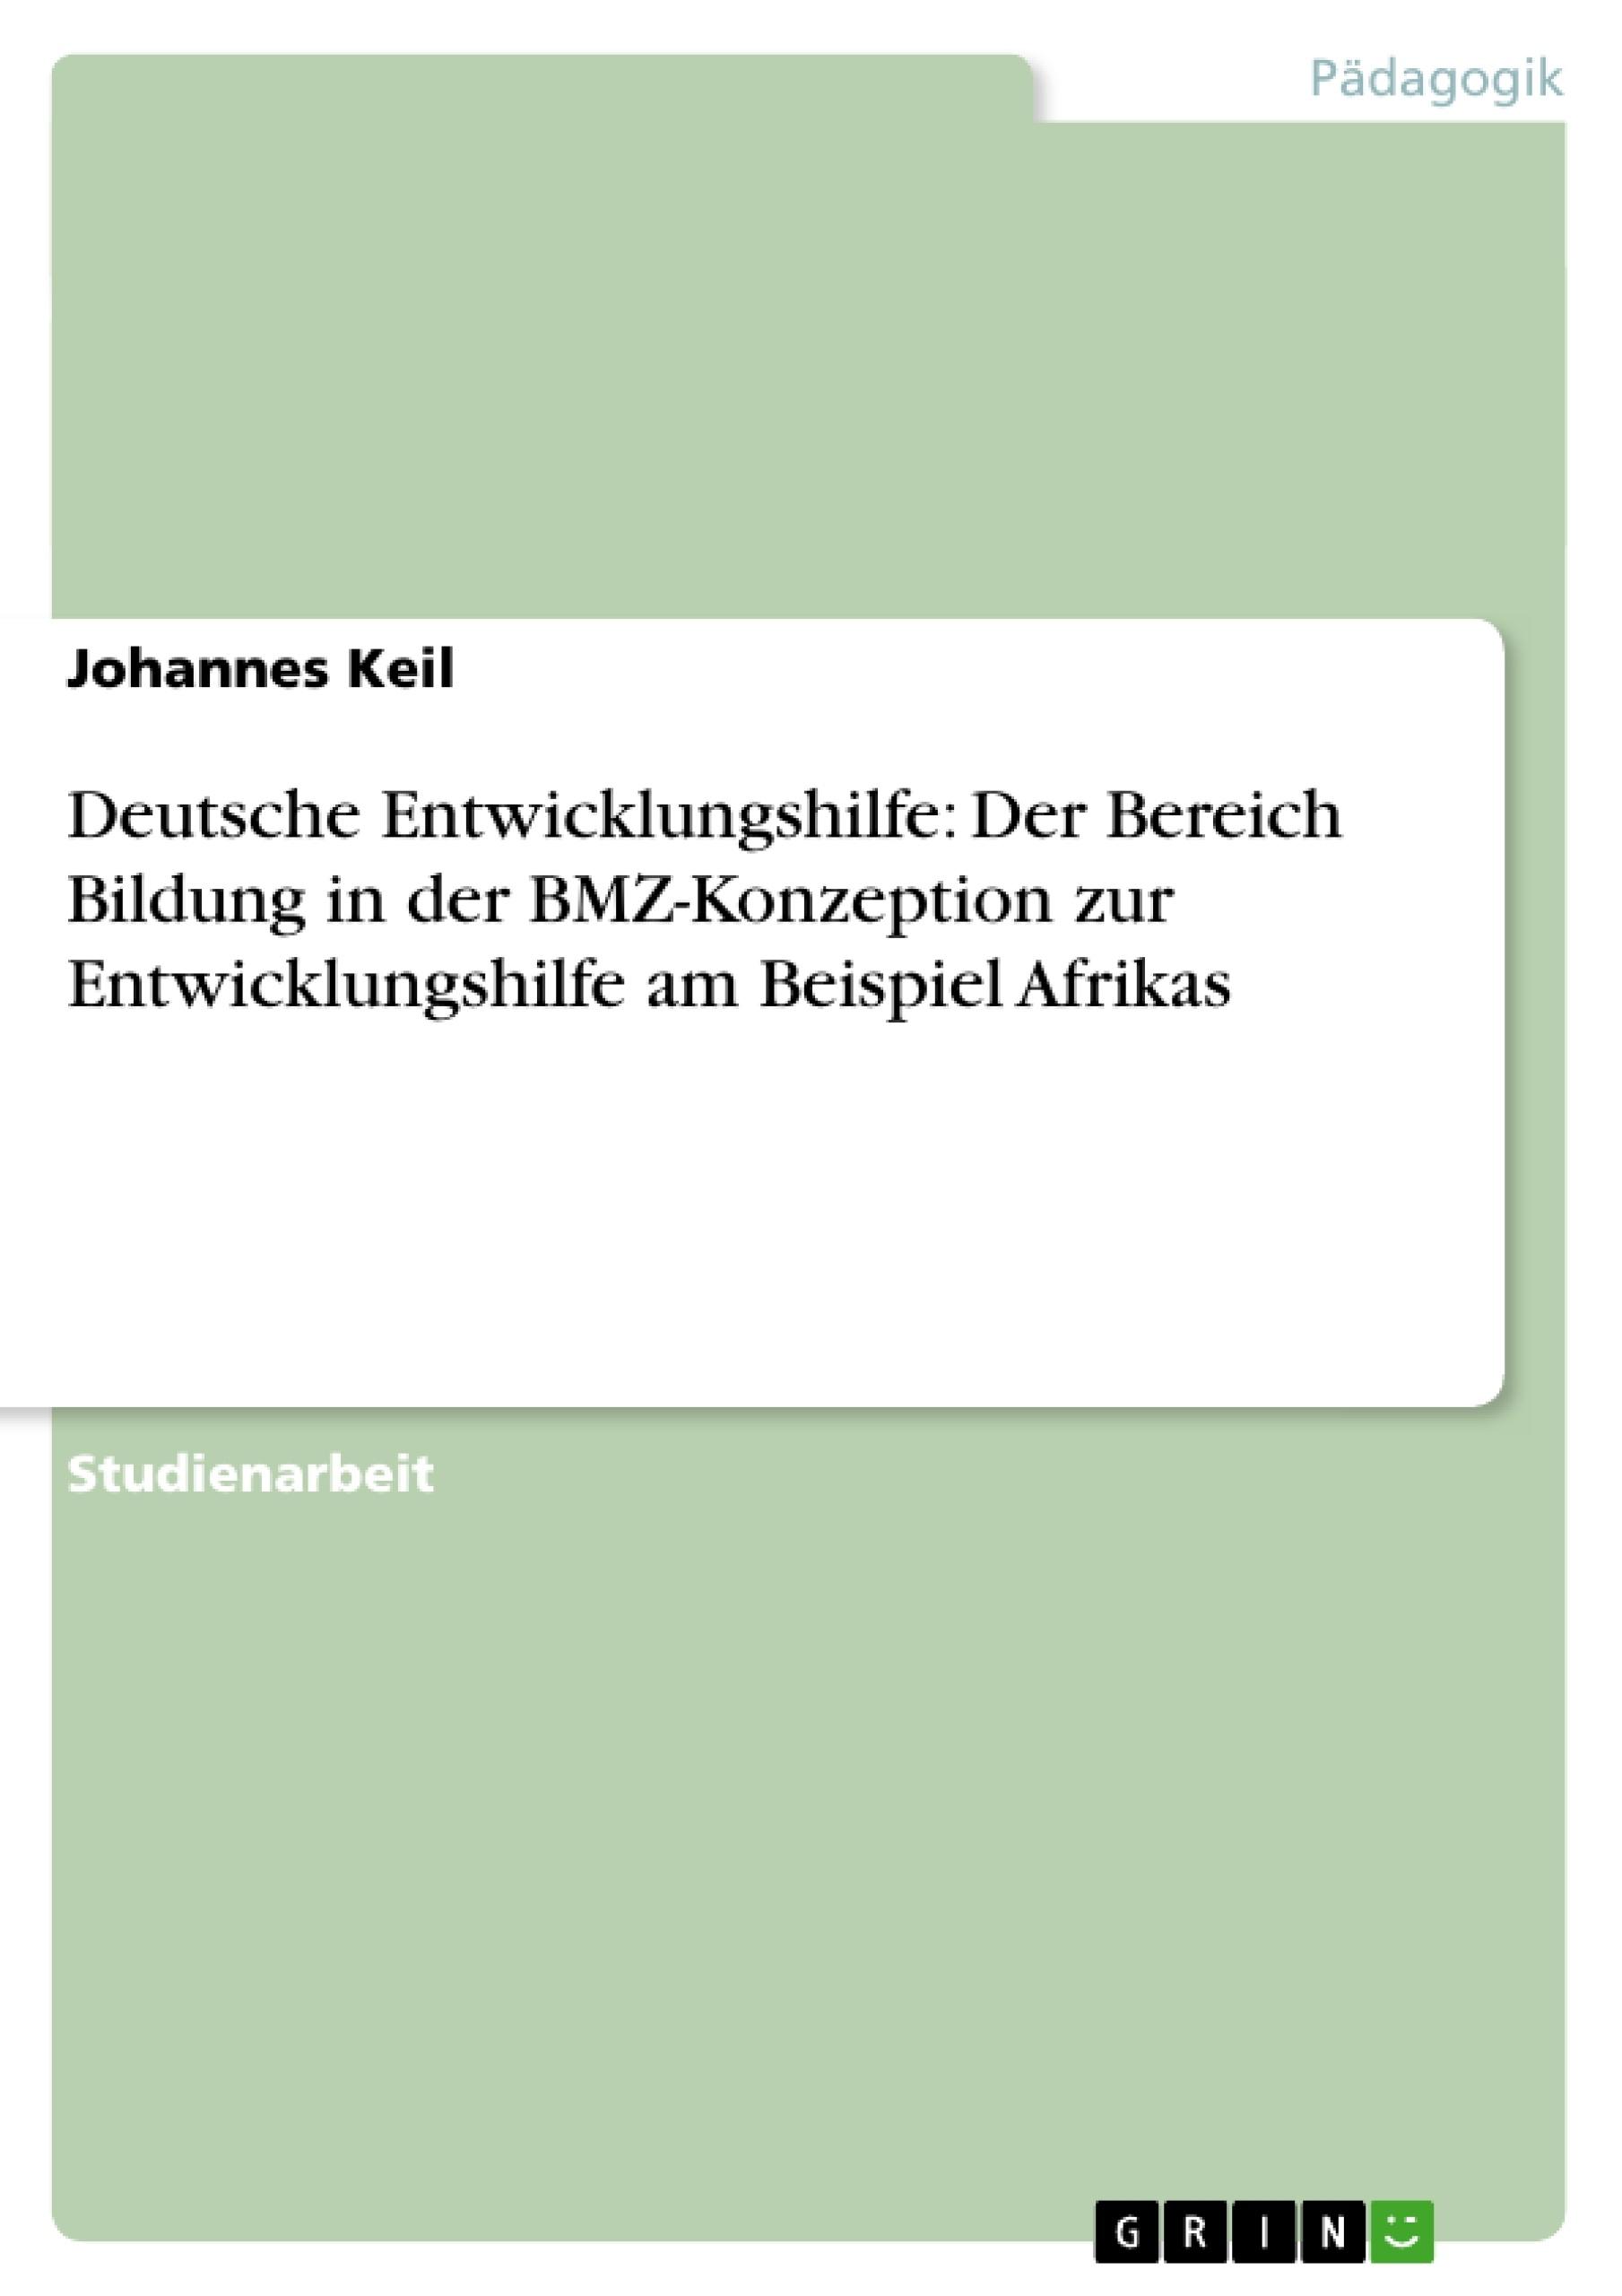 Titel: Deutsche Entwicklungshilfe:  Der Bereich Bildung in der BMZ-Konzeption zur Entwicklungshilfe am Beispiel Afrikas